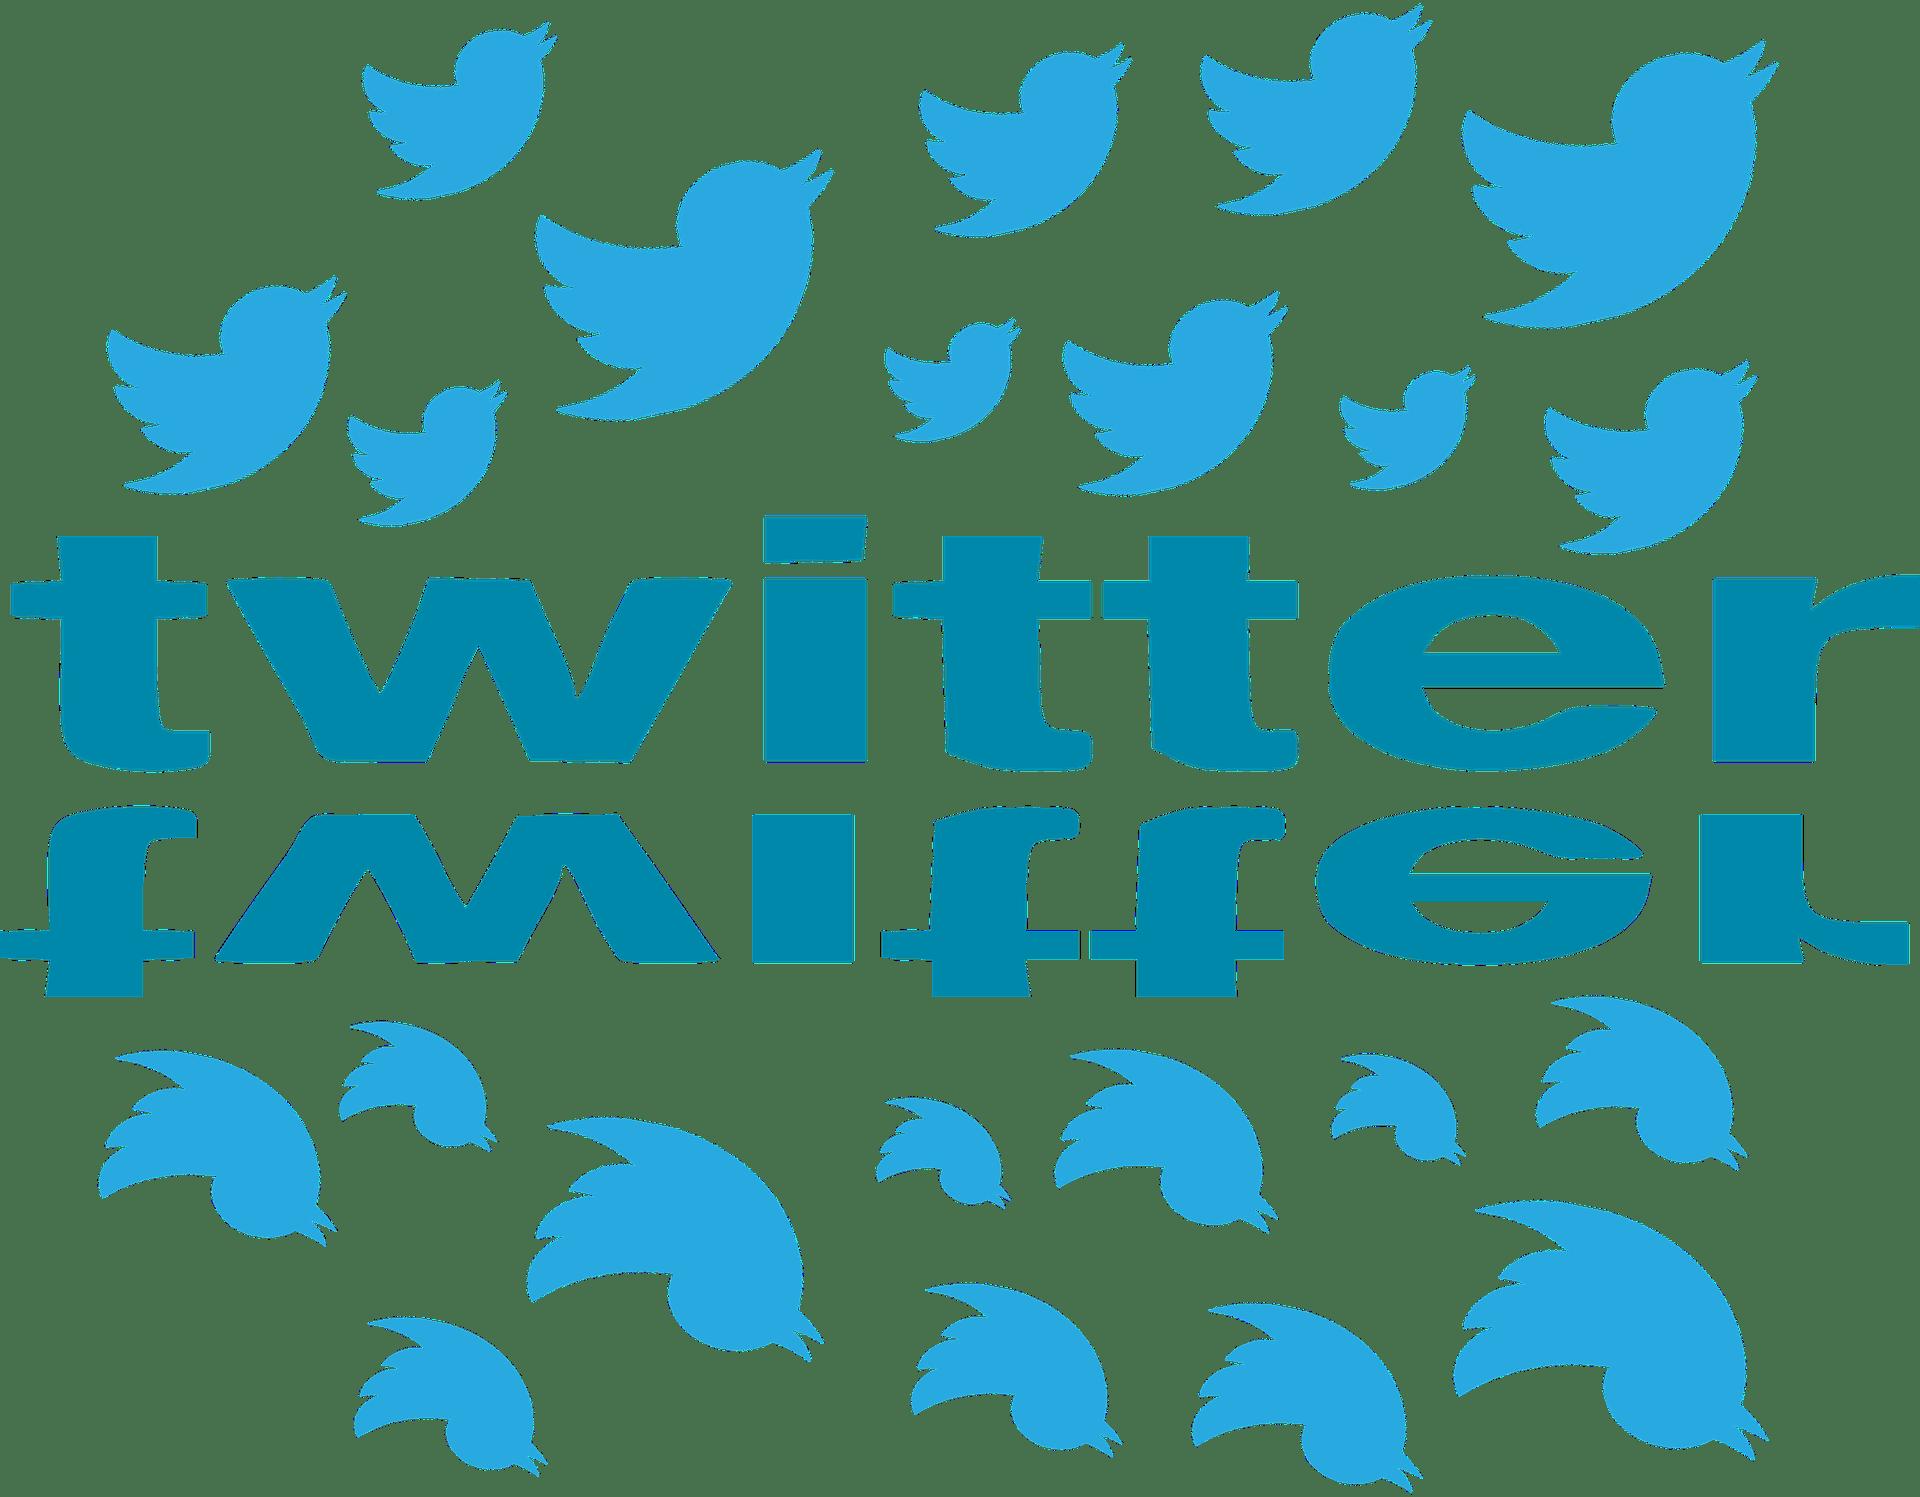 تويتر تريد تحديد من يمكنه الإشارة إليك في تغريداته